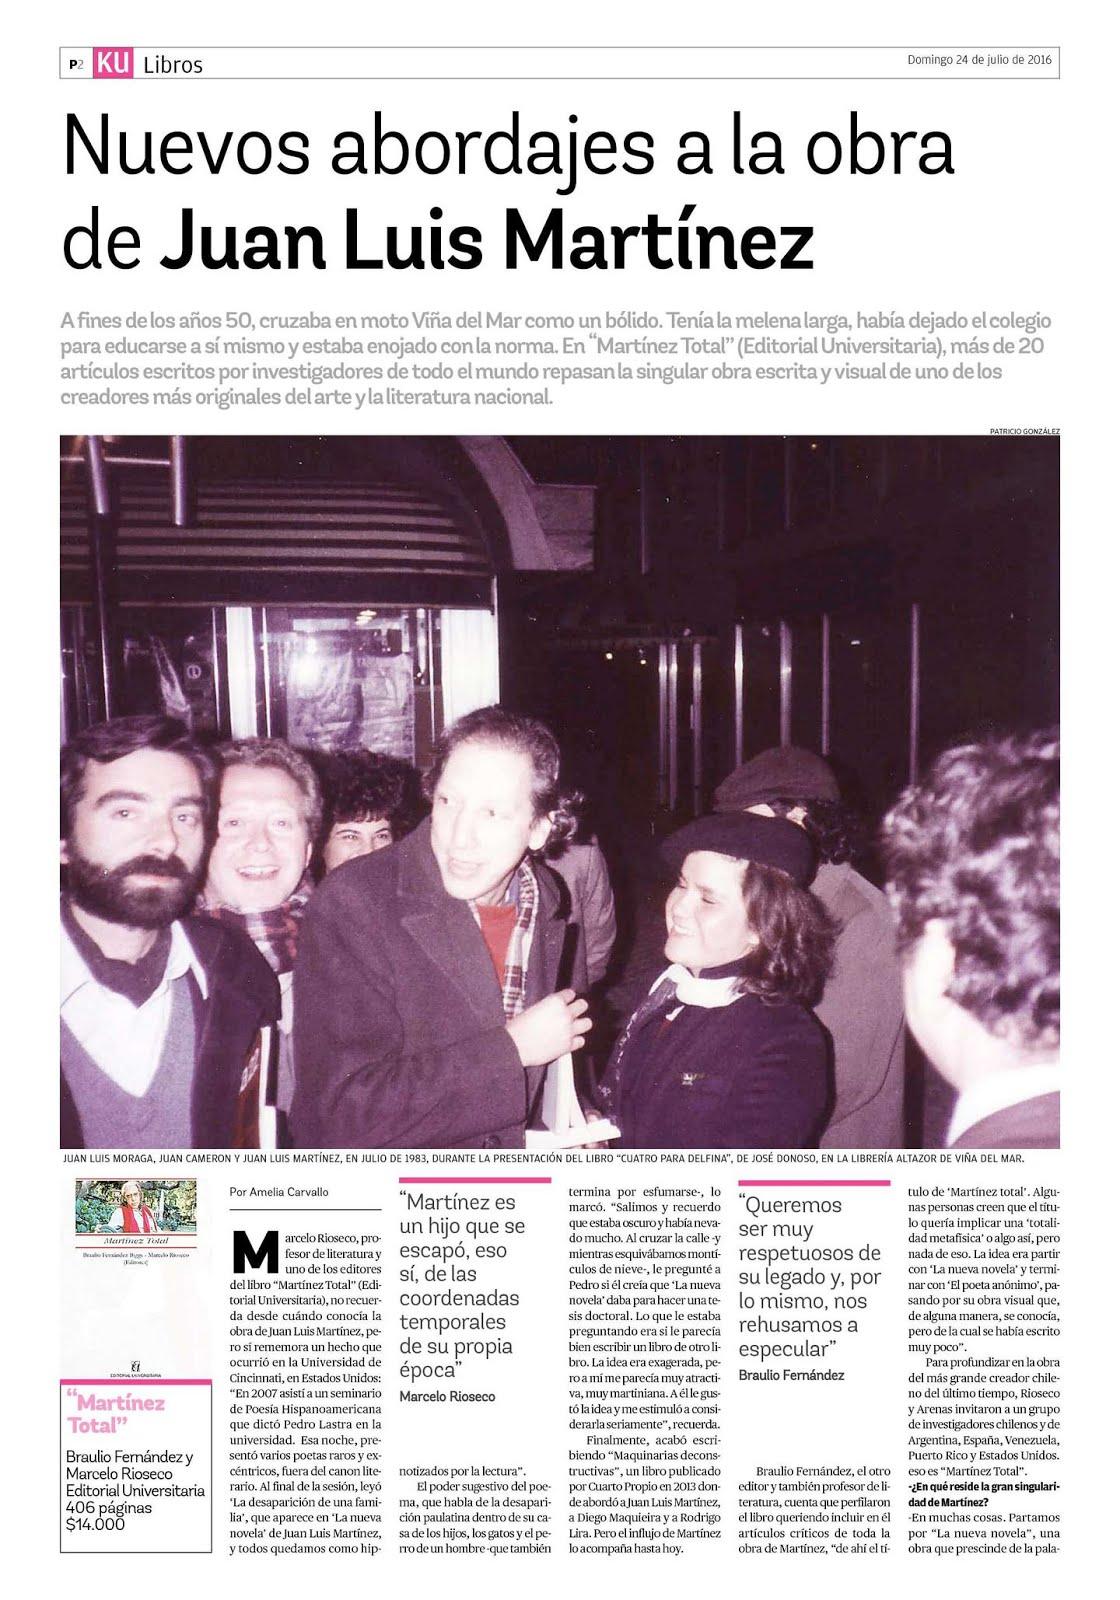 Martínez Total en los Mercurios regionales